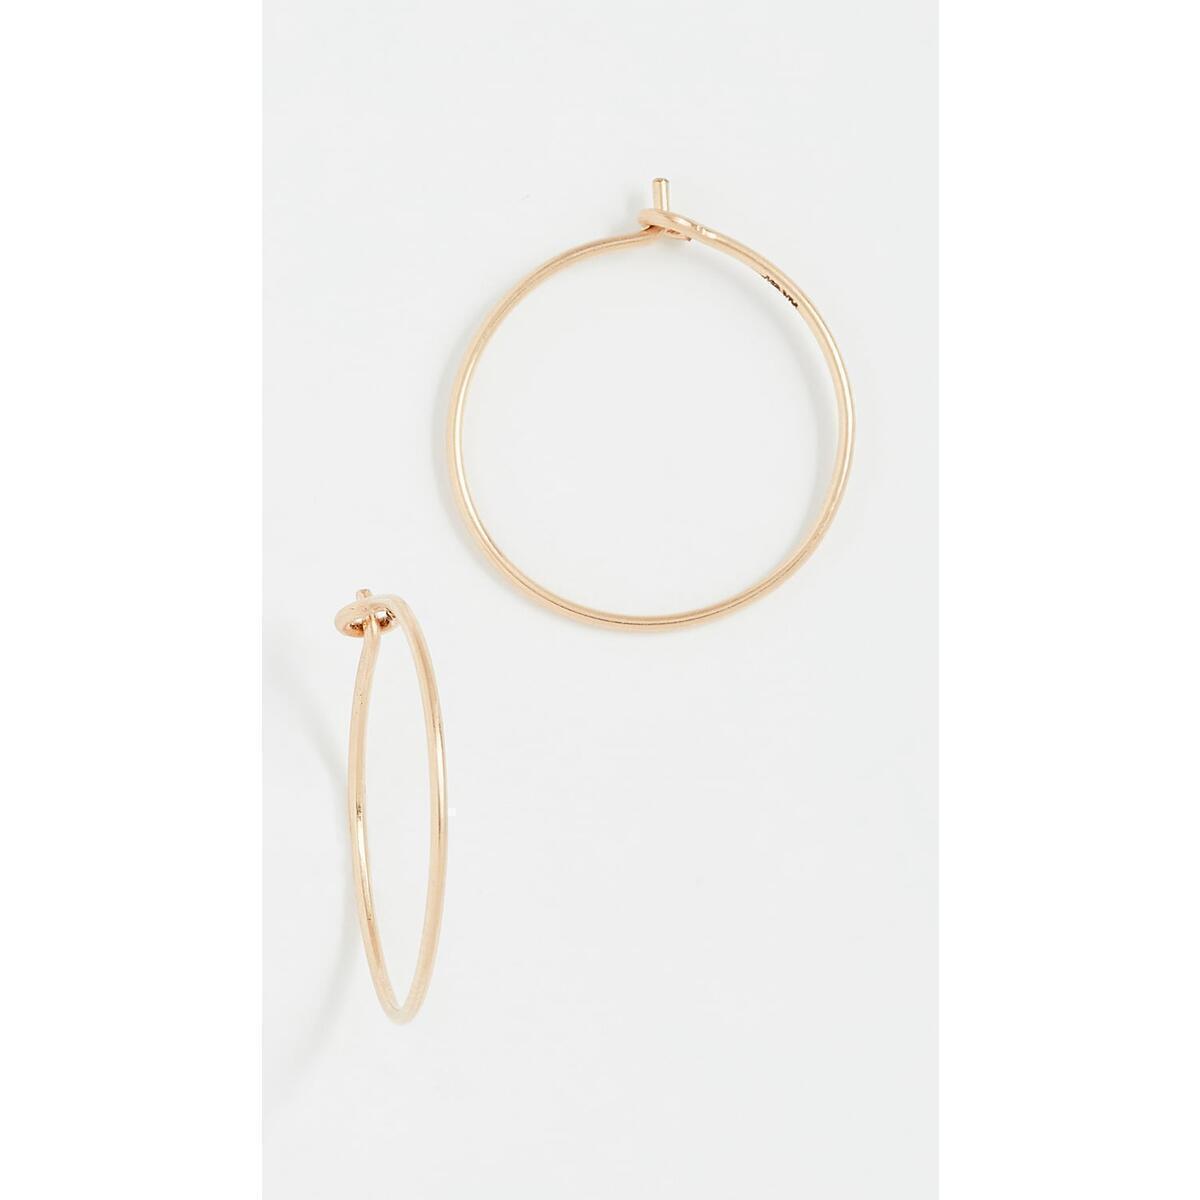 Tiny 14k Gold Filled Hoop Earrings